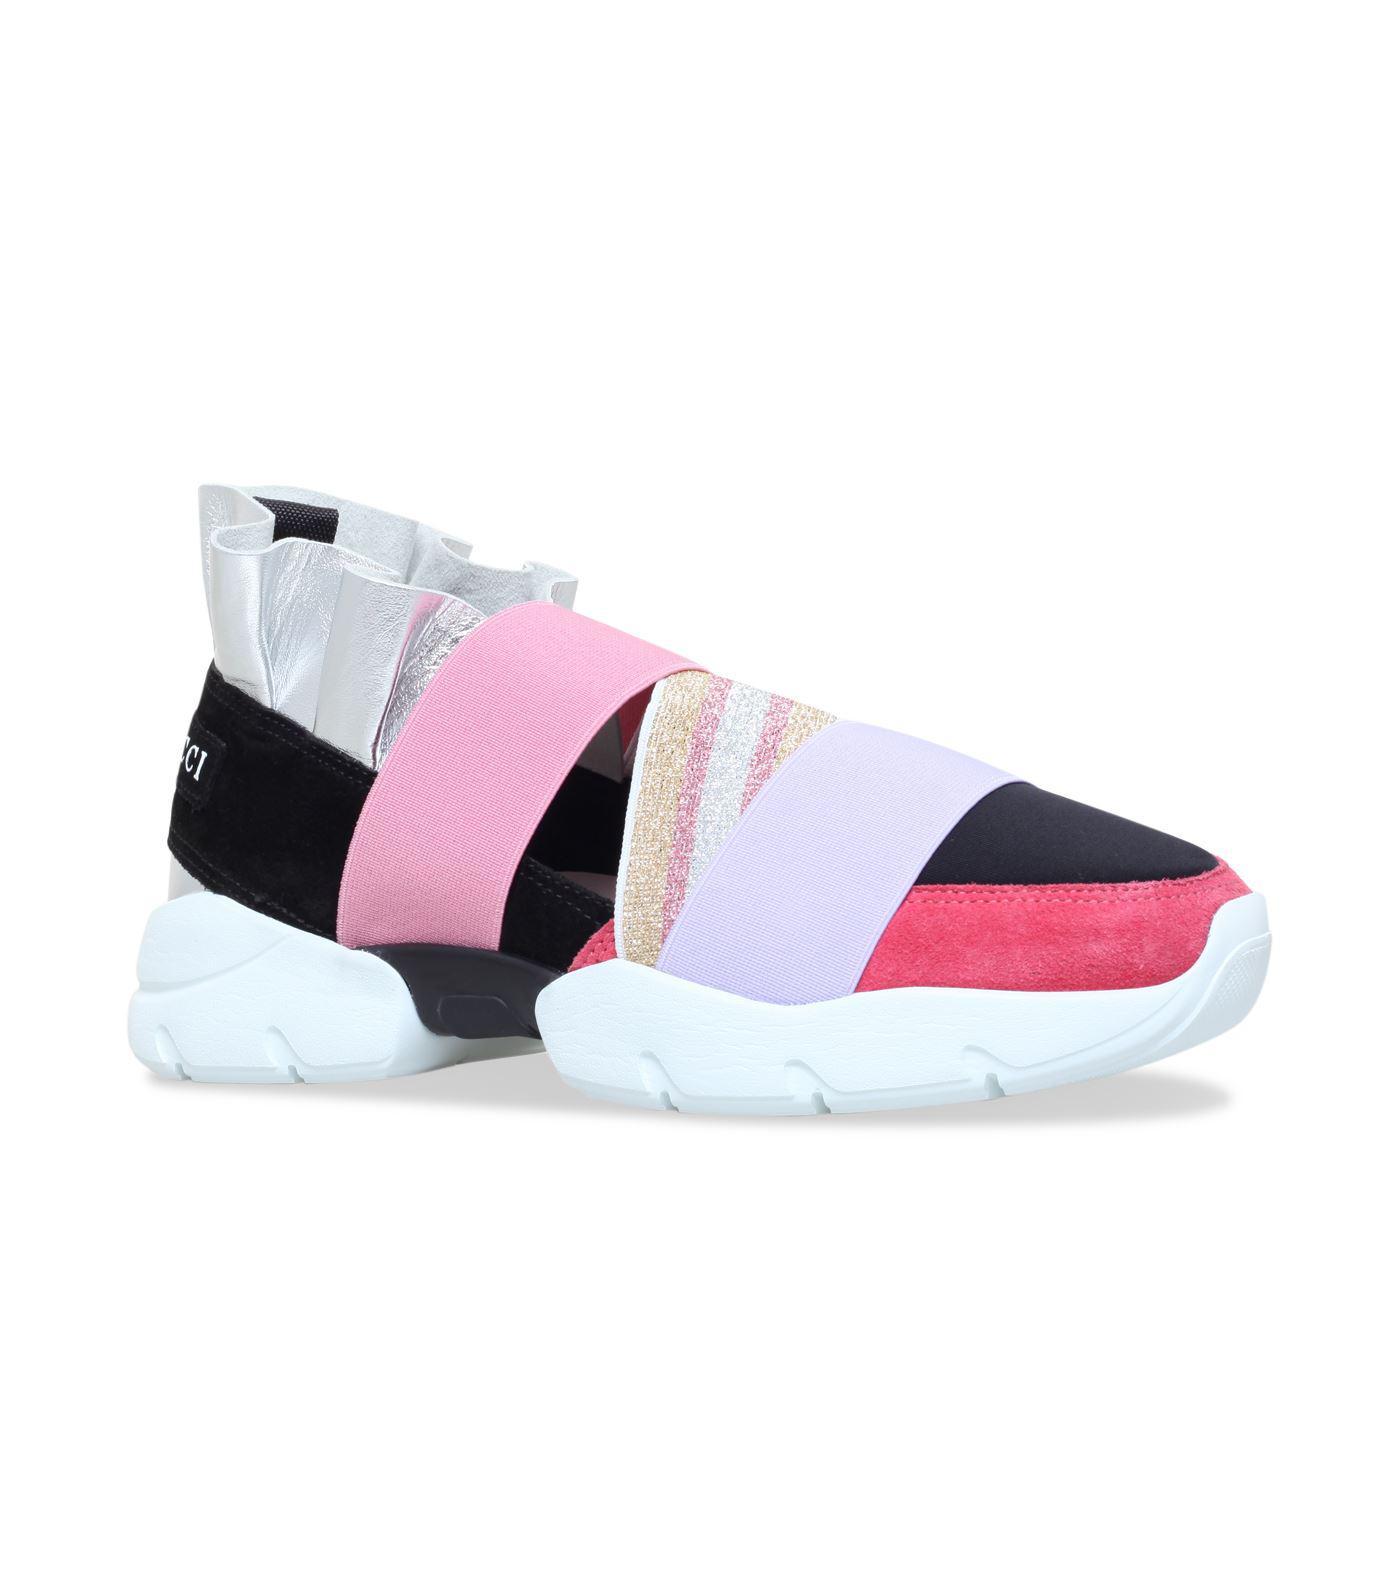 Emilio Pucci City hi-top sneakers - Pink & Purple farfetch neri Estate Comprar Barato 2018 Nueva 2018 El Nuevo Precio Barato wup5AT7hTz